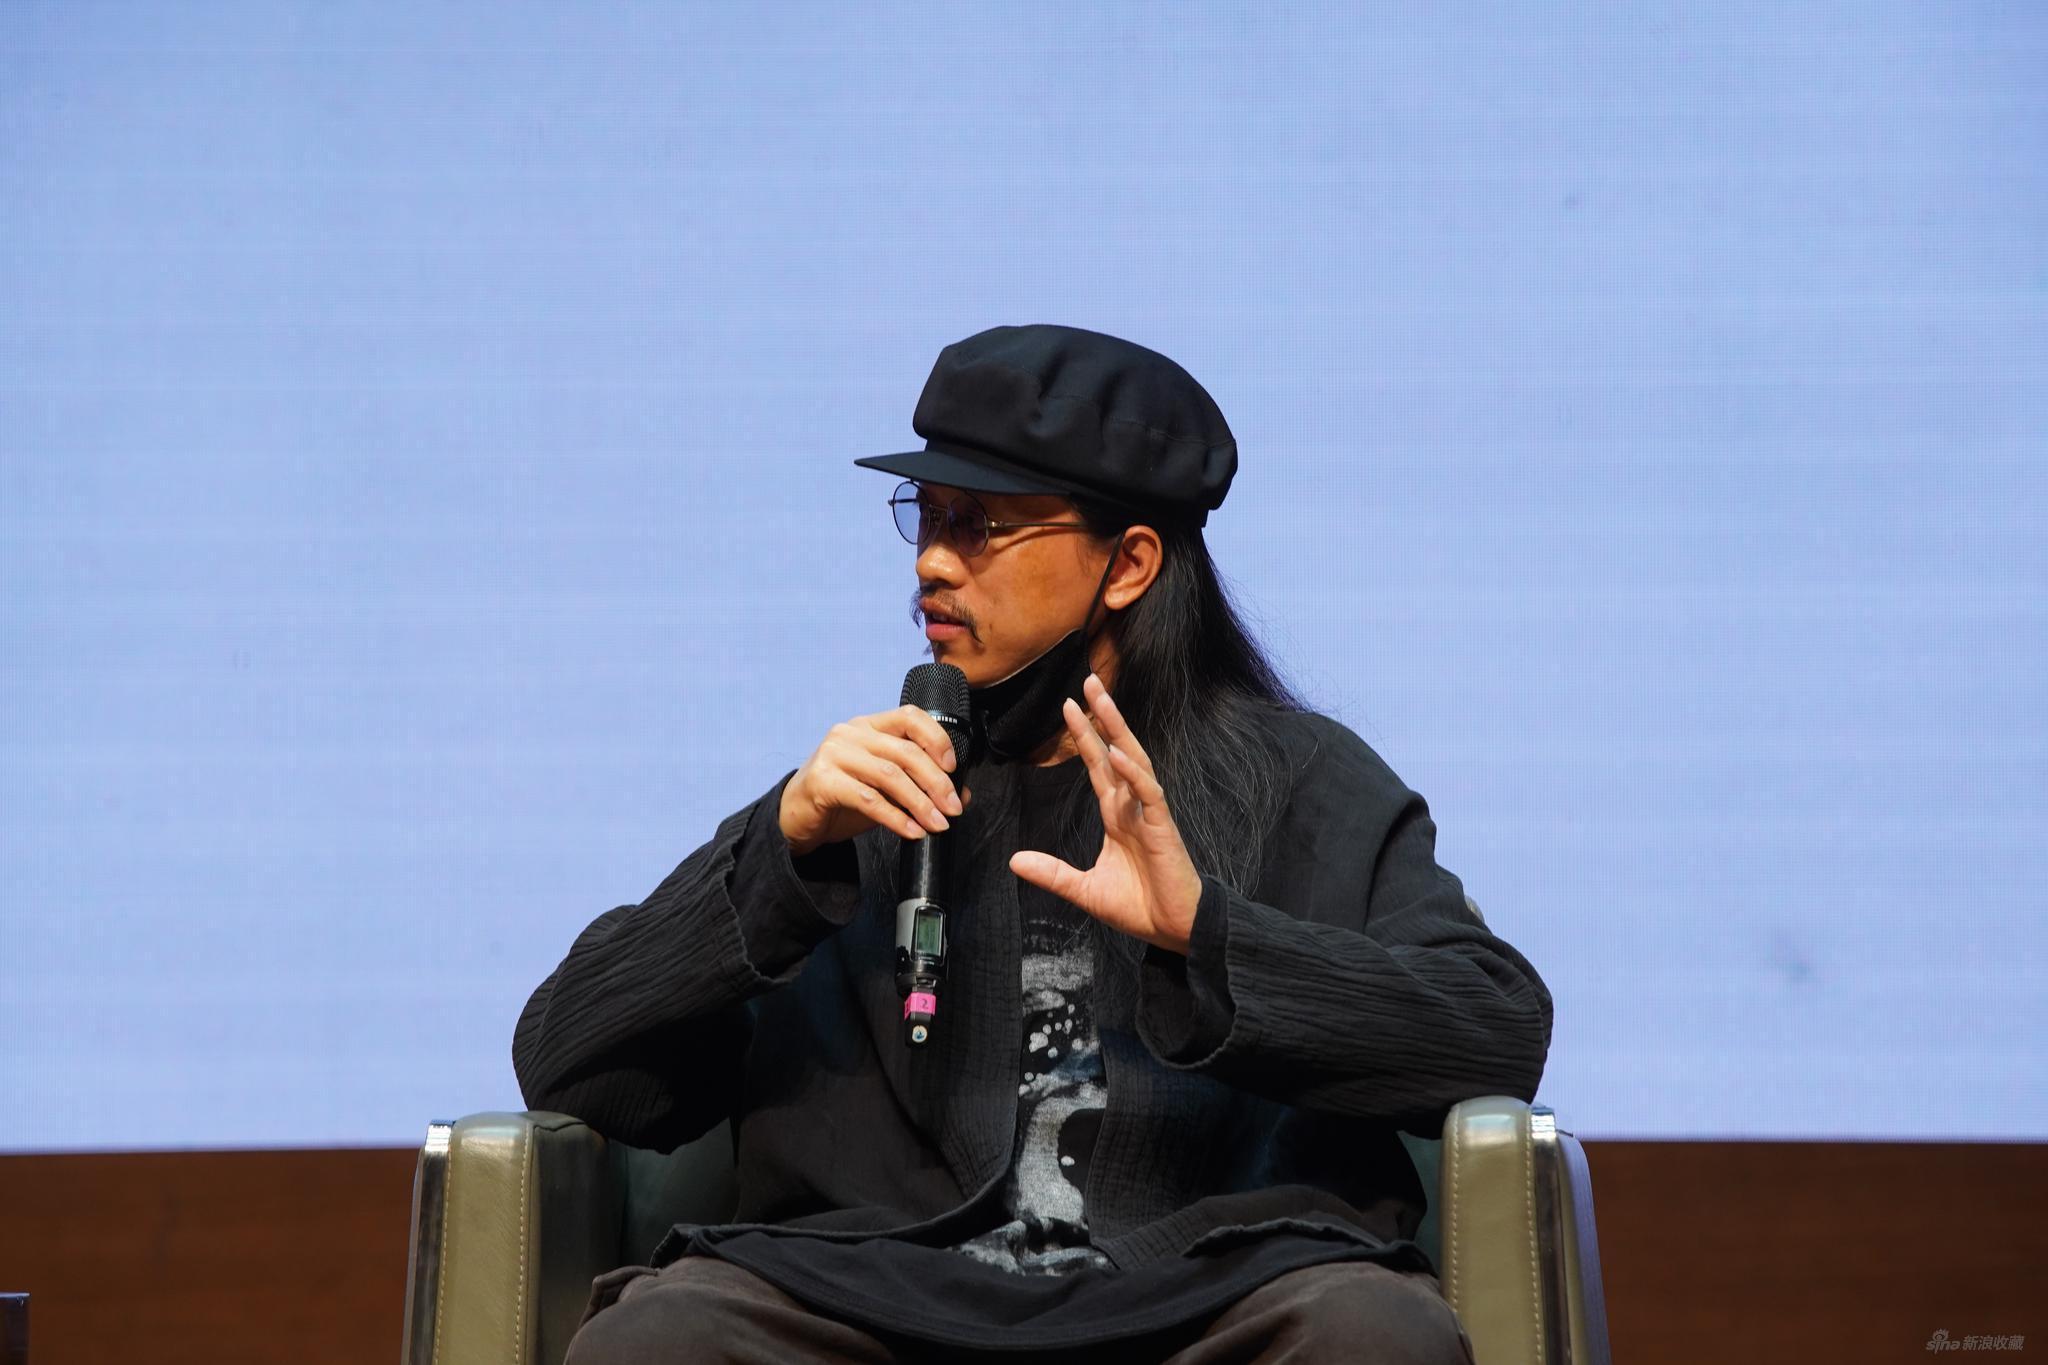 著名时尚摄影师、视觉艺术家陈旭人人艺术分享